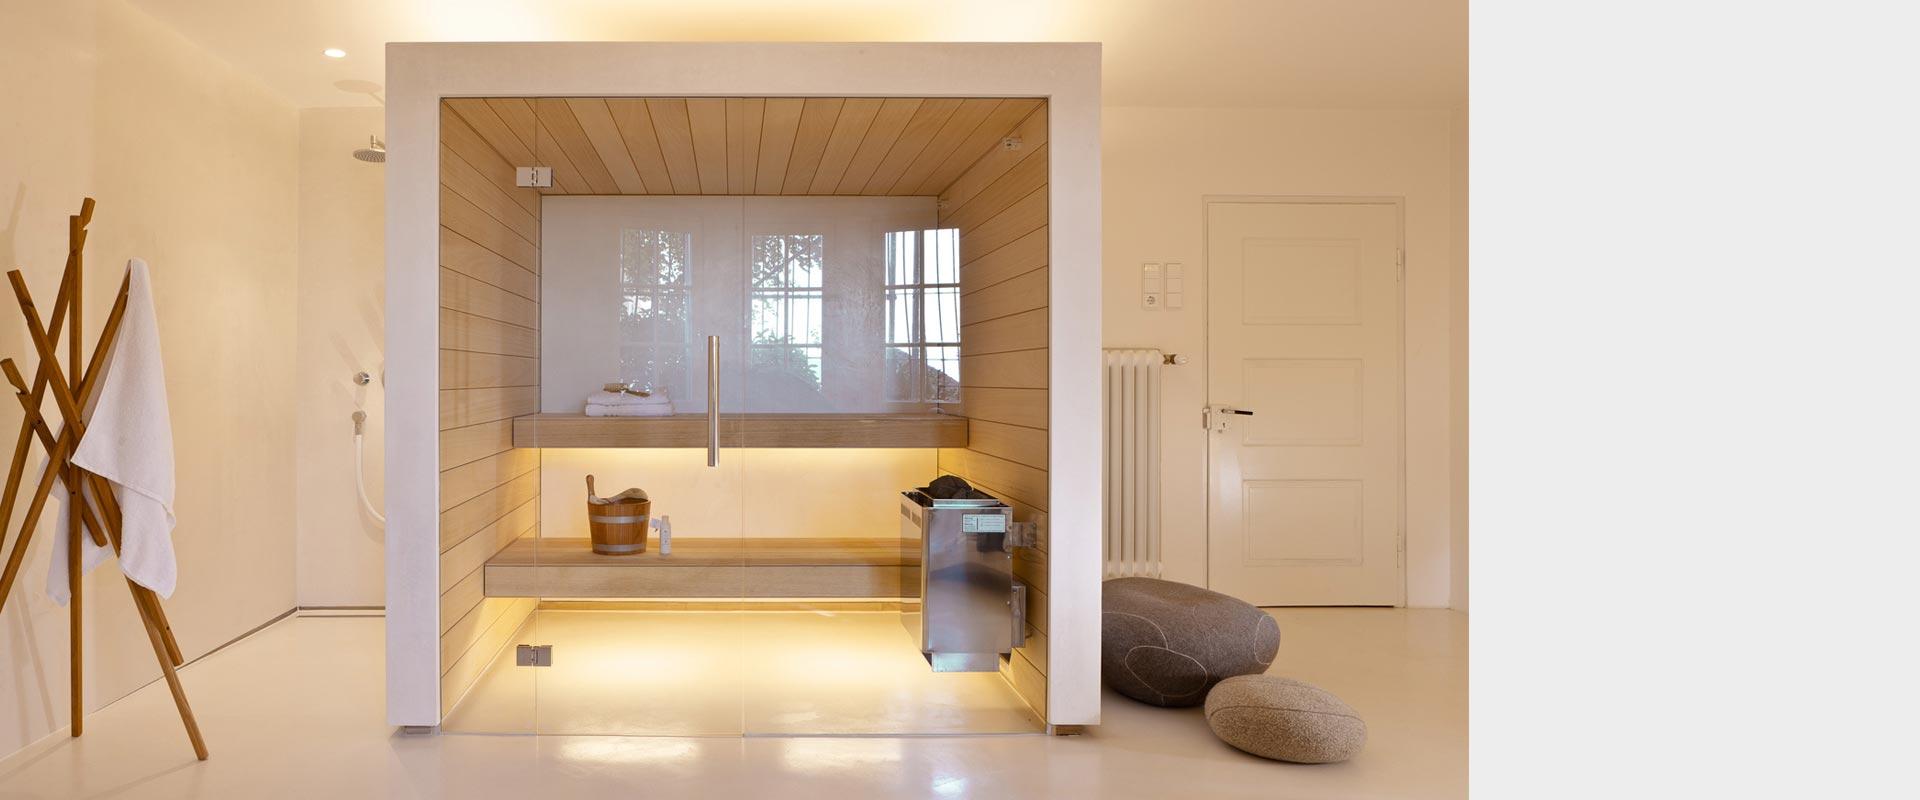 architekturbuero_henning_musahl_waldshut_sauna01